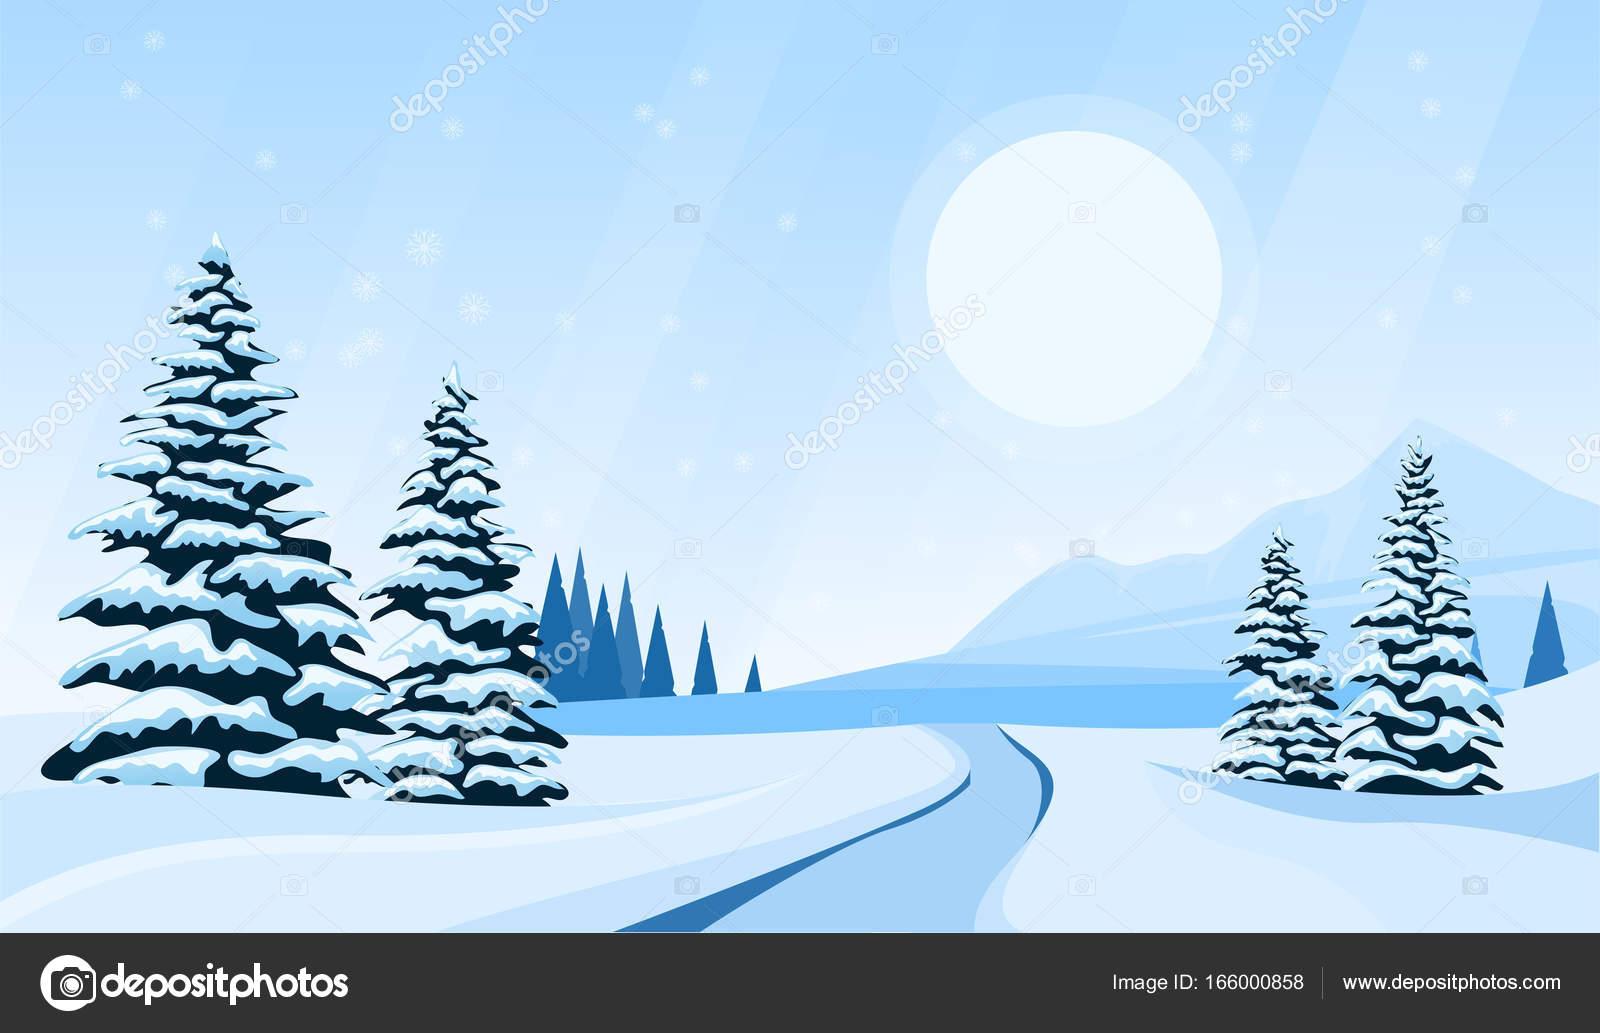 paisaje de invierno Resumen — Vector de stock © Zybr78 #166000858